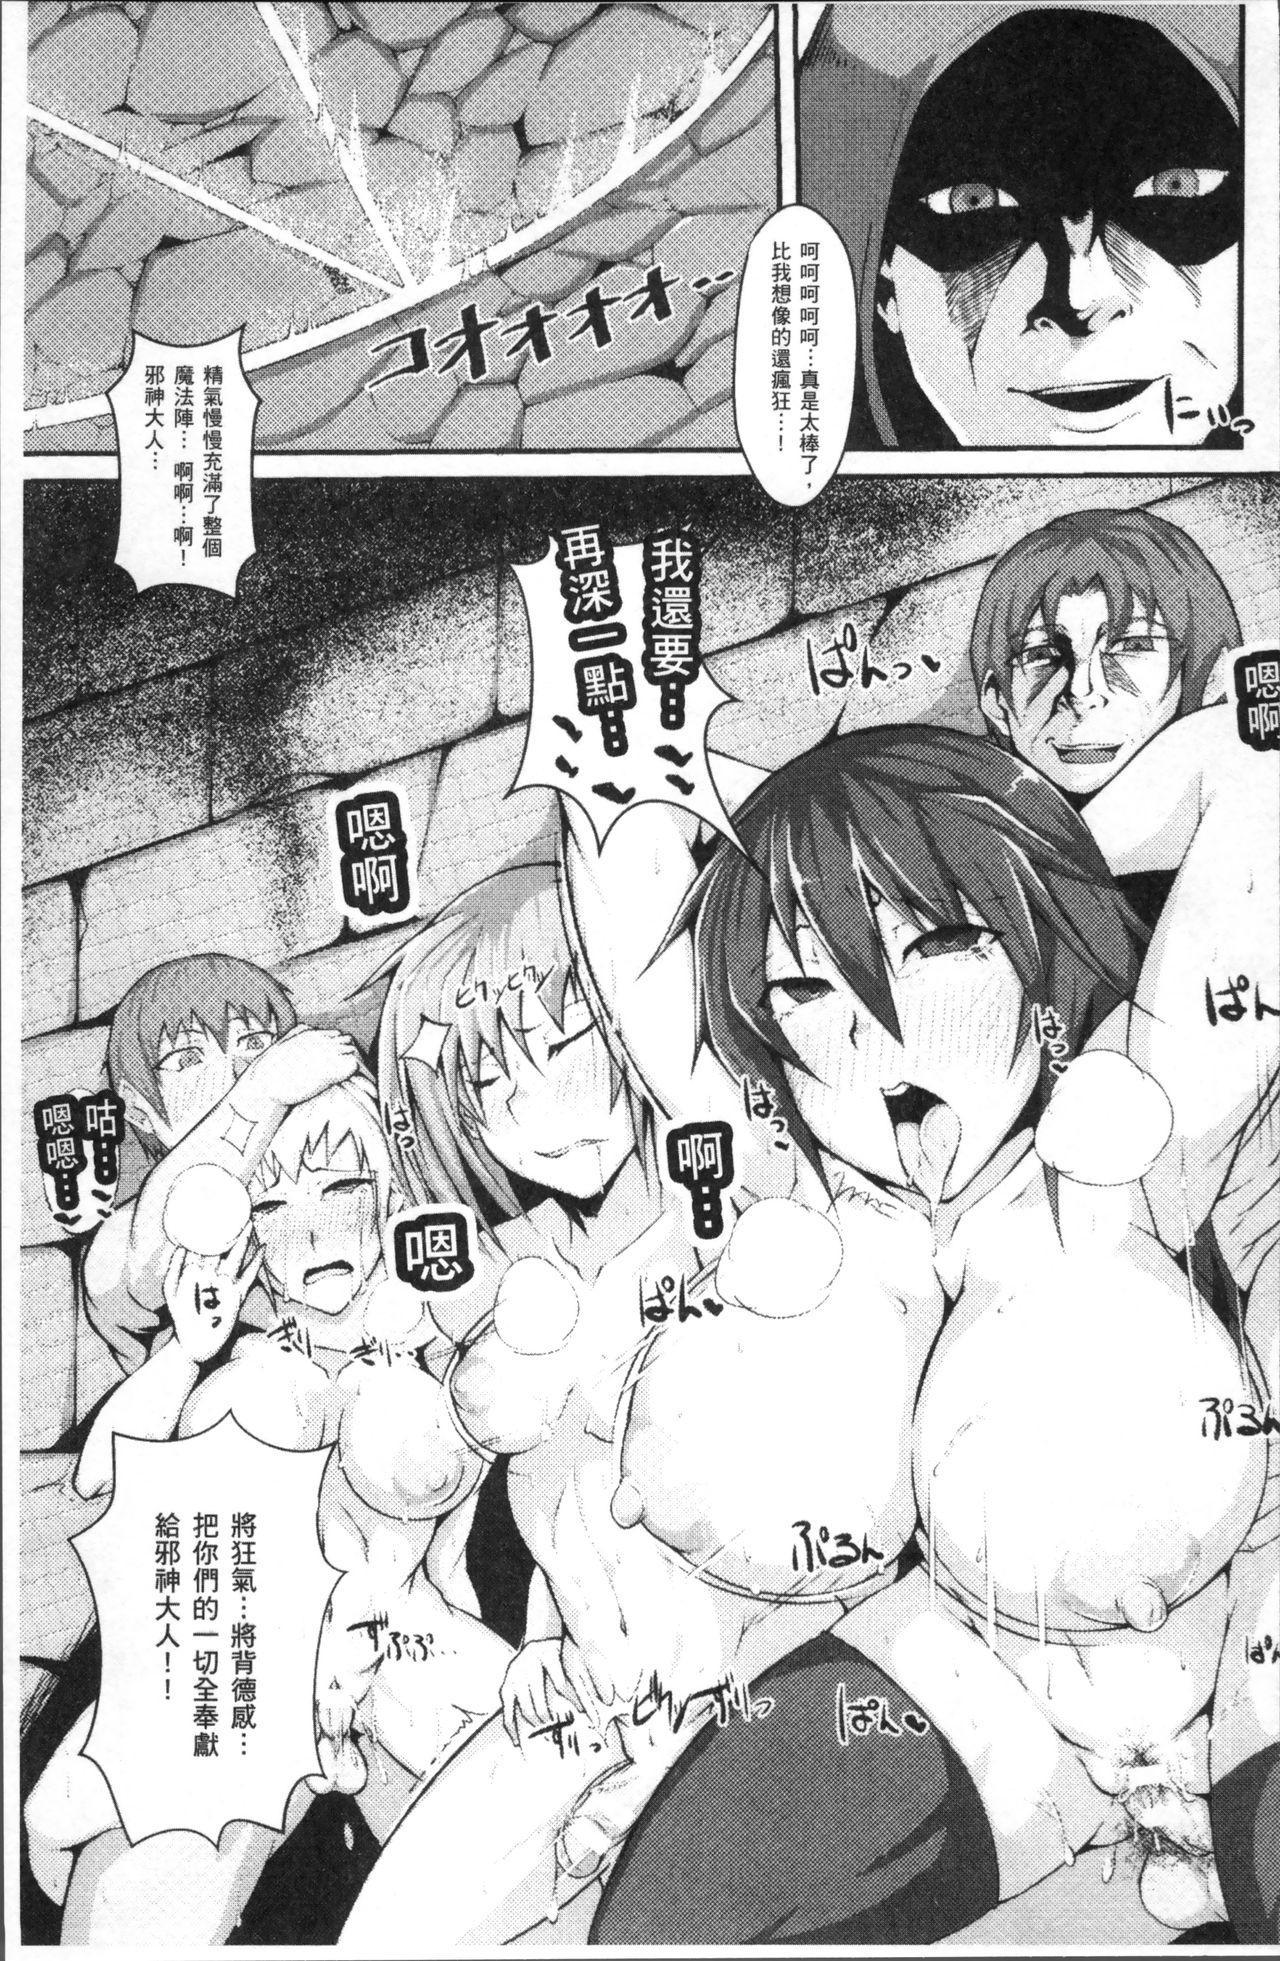 Bessatsu Comic Unreal Ningen Bokujou Hen 4 140